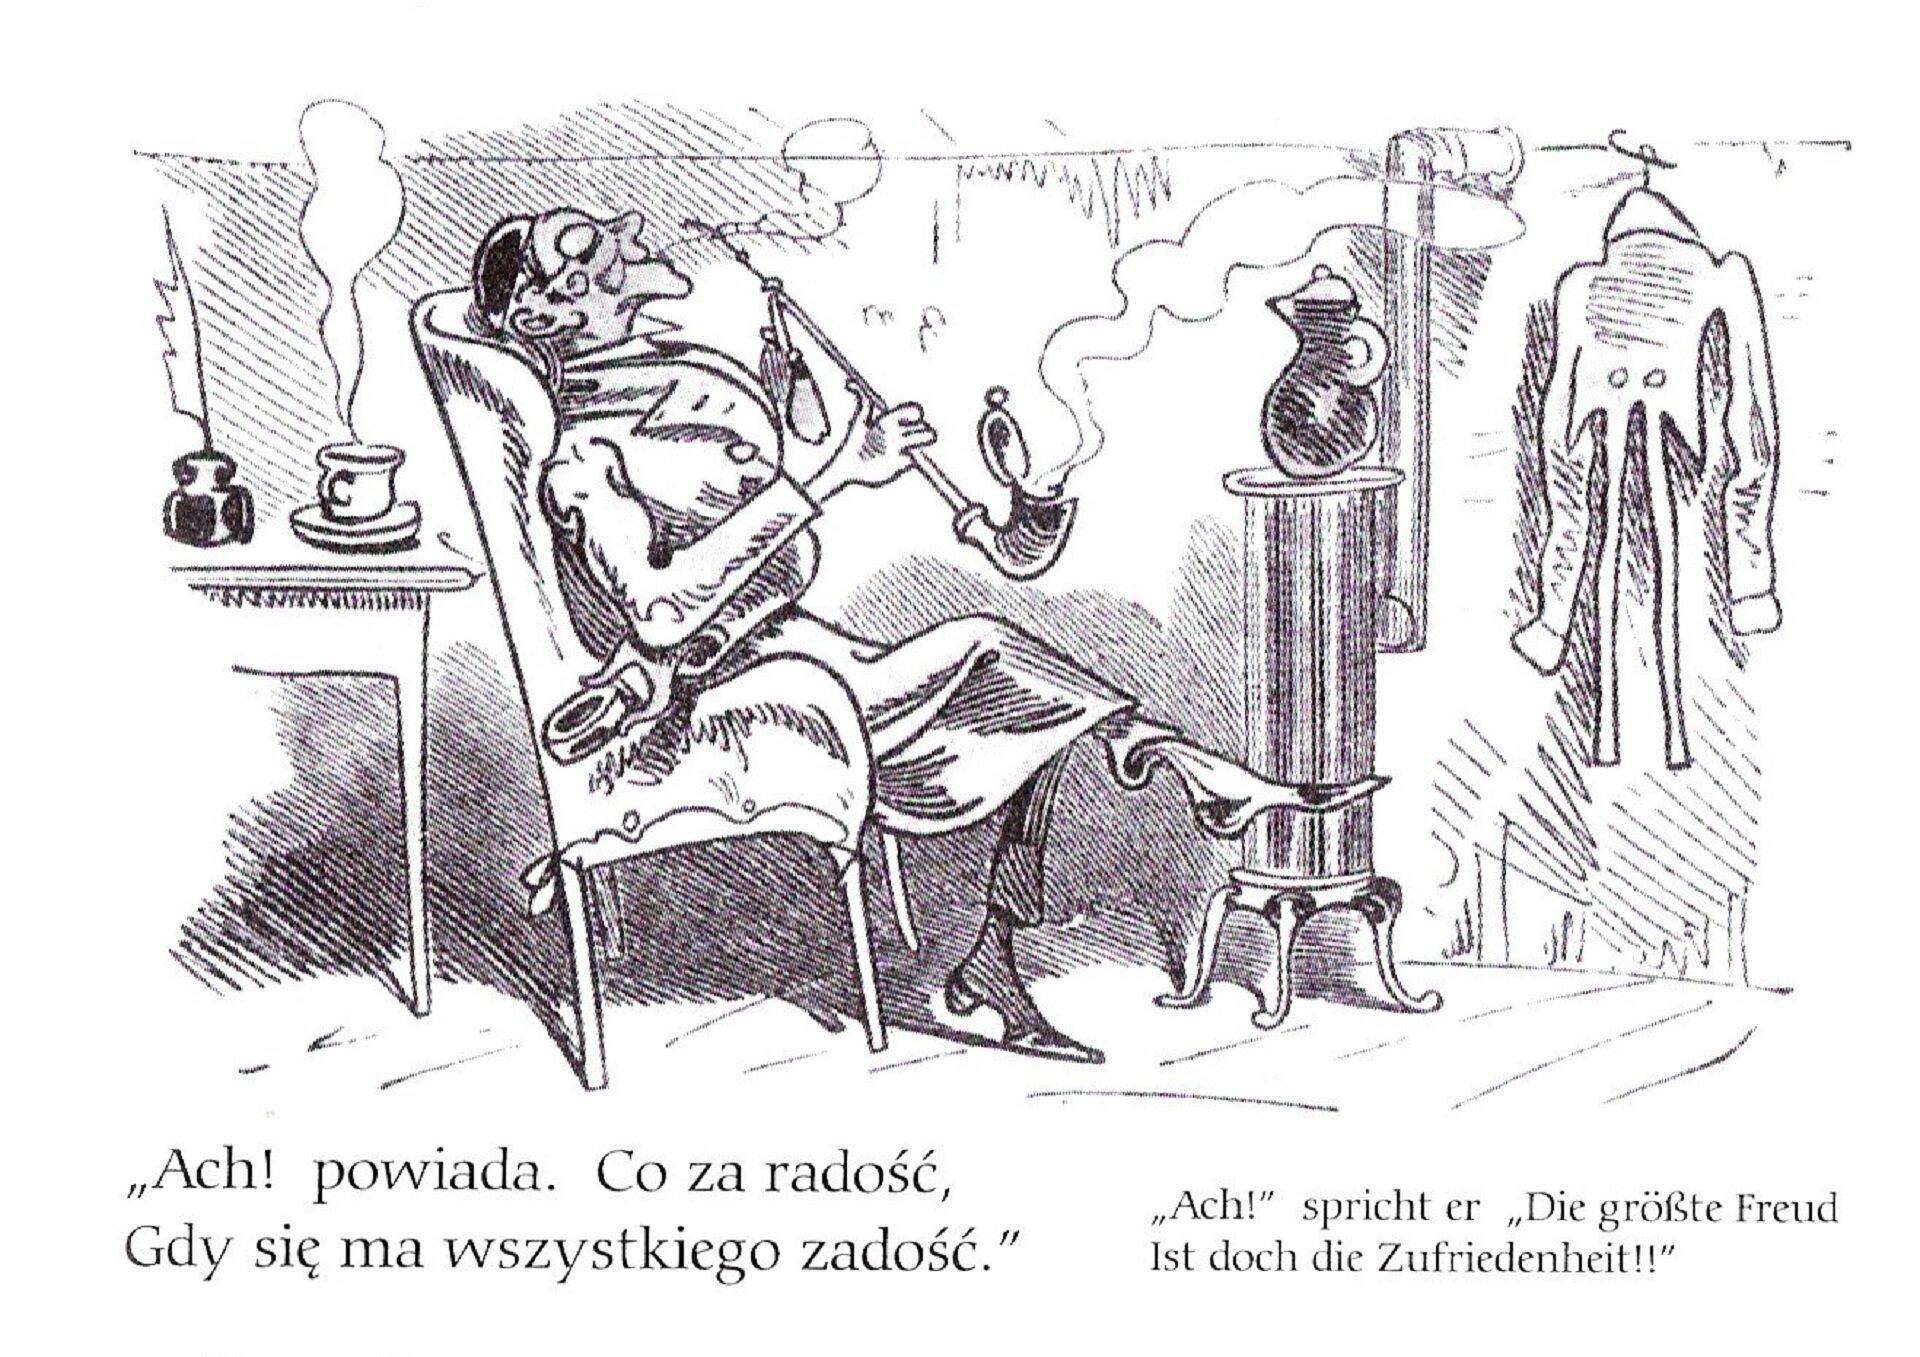 """czarnobiała ilustracja przedstawiająca starszego mężczyzną siedzącego wfotelu ipalącego fajke. Pod ilustracją znajduje się napis: """"Ach! powiada. Co za radosć, Gdy się ma wszystkiego zadość."""""""